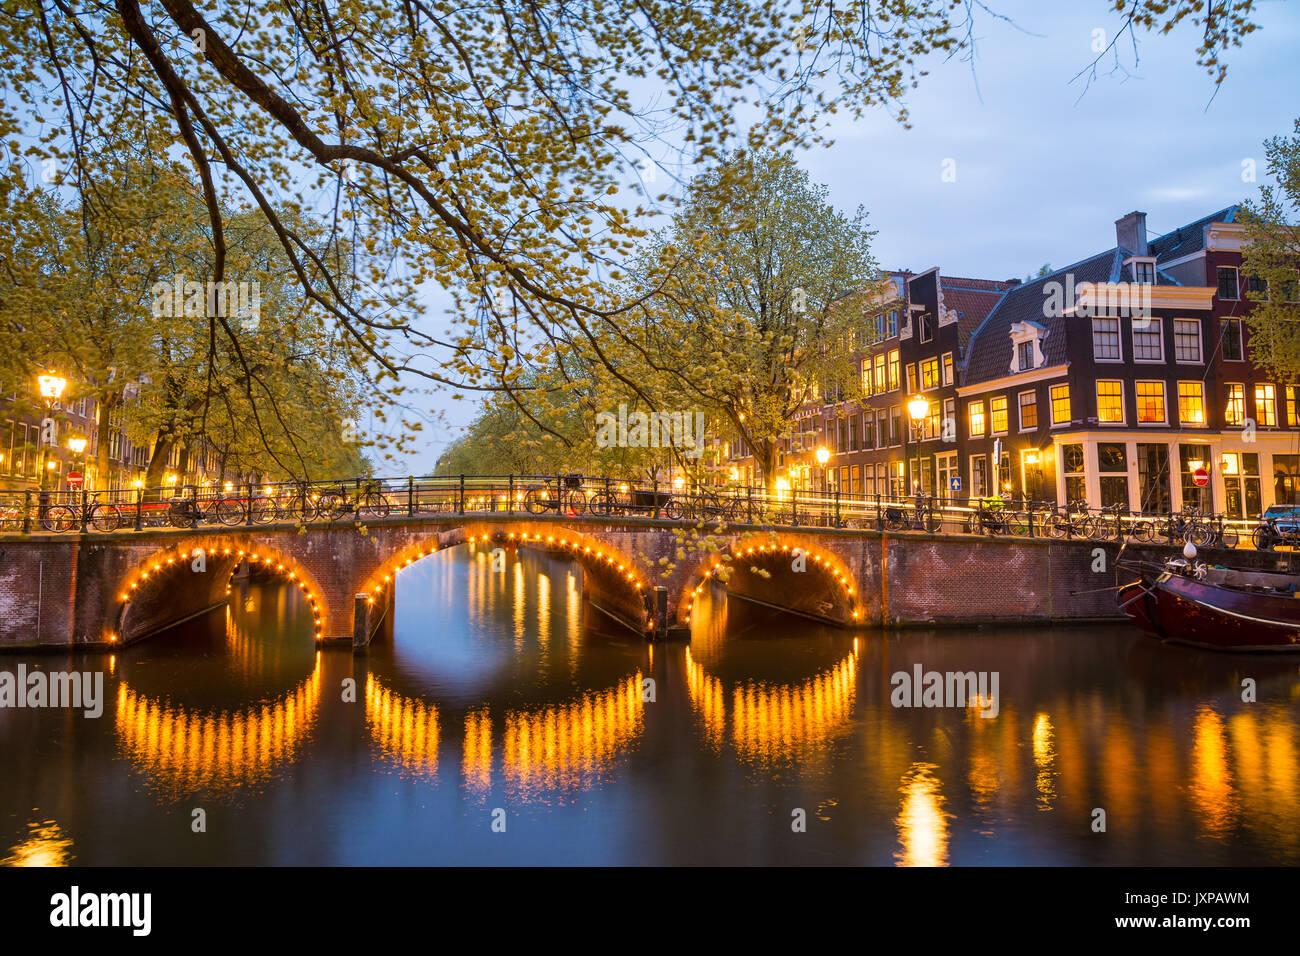 Uno dei più famosi canali di Amsterdam e i Paesi Bassi al crepuscolo. Immagini Stock